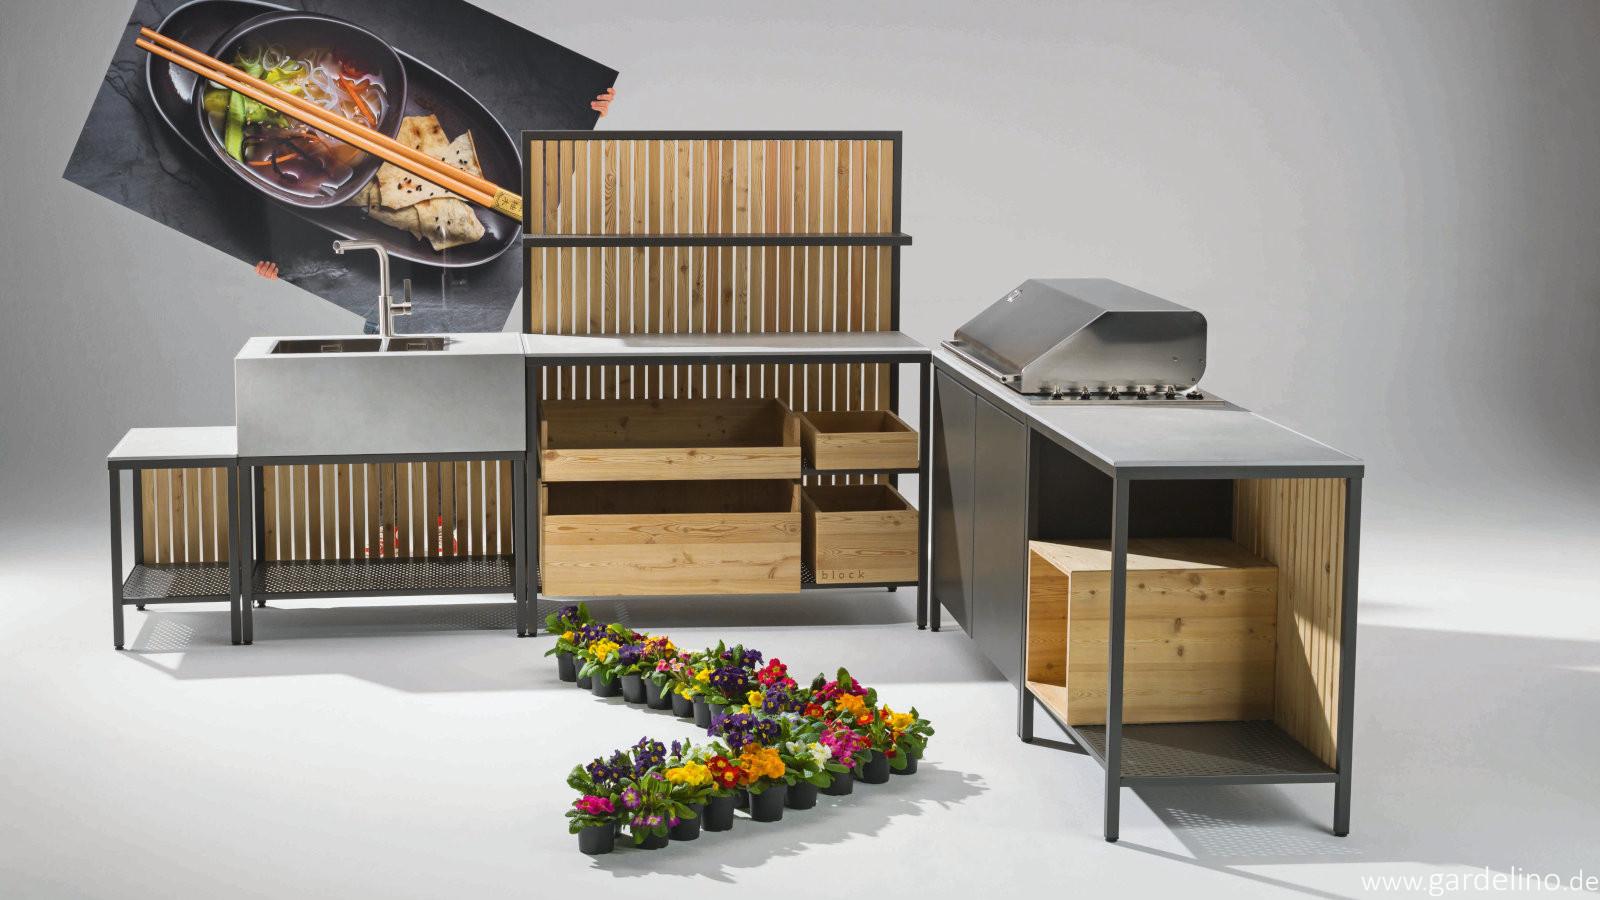 Outdoor Küche Block : Dieoutdoorkueche dieoutdoorkueche  t